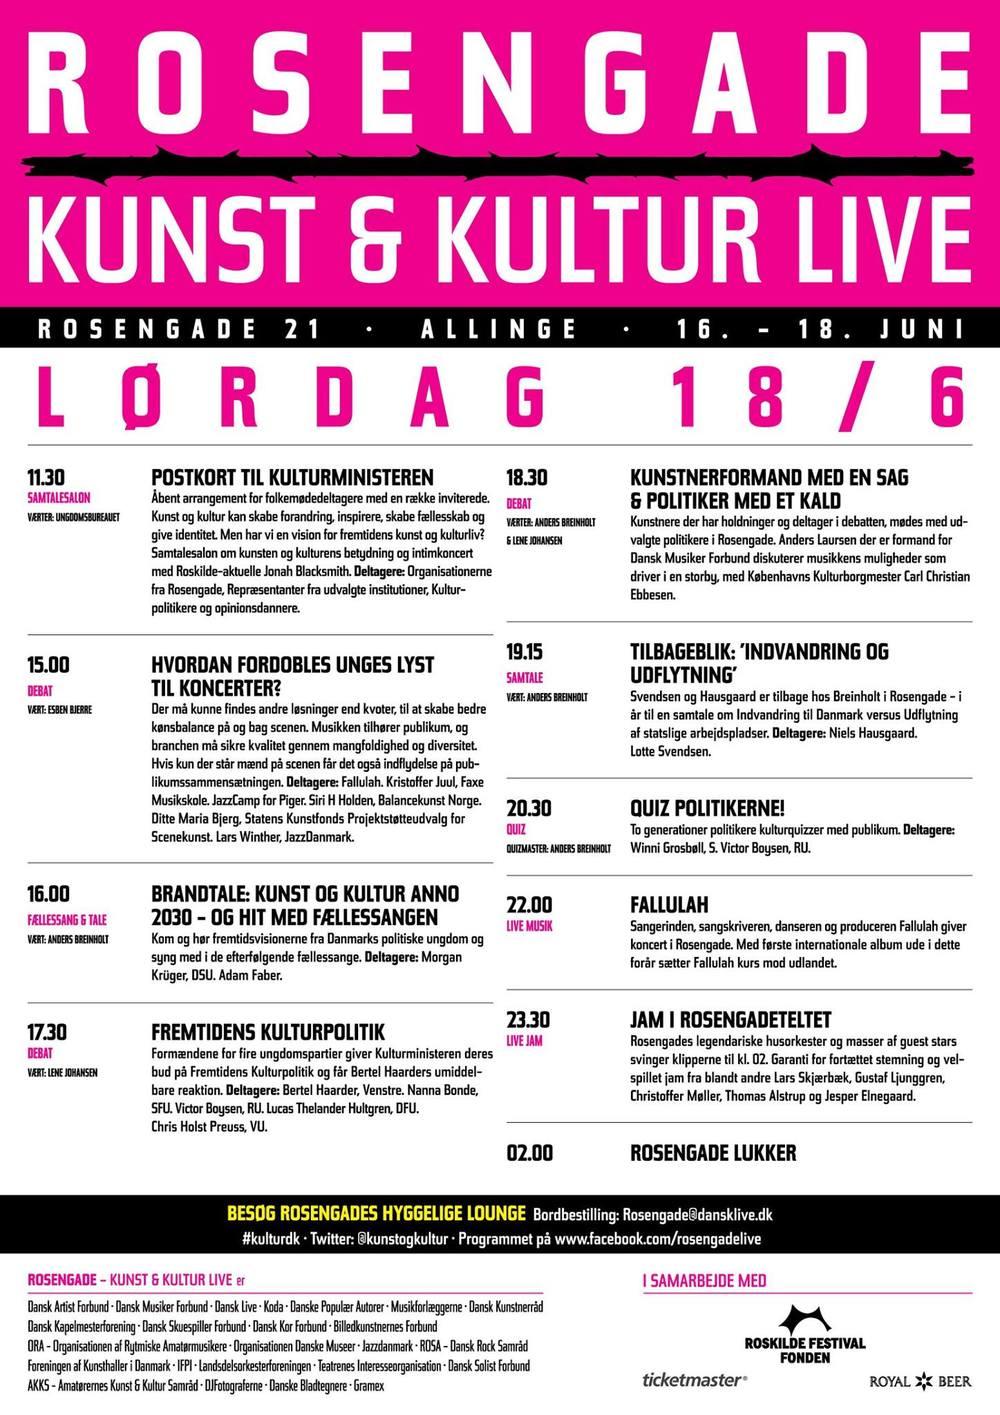 Festivalplakat, Rosengade Kunst og Kultur Live